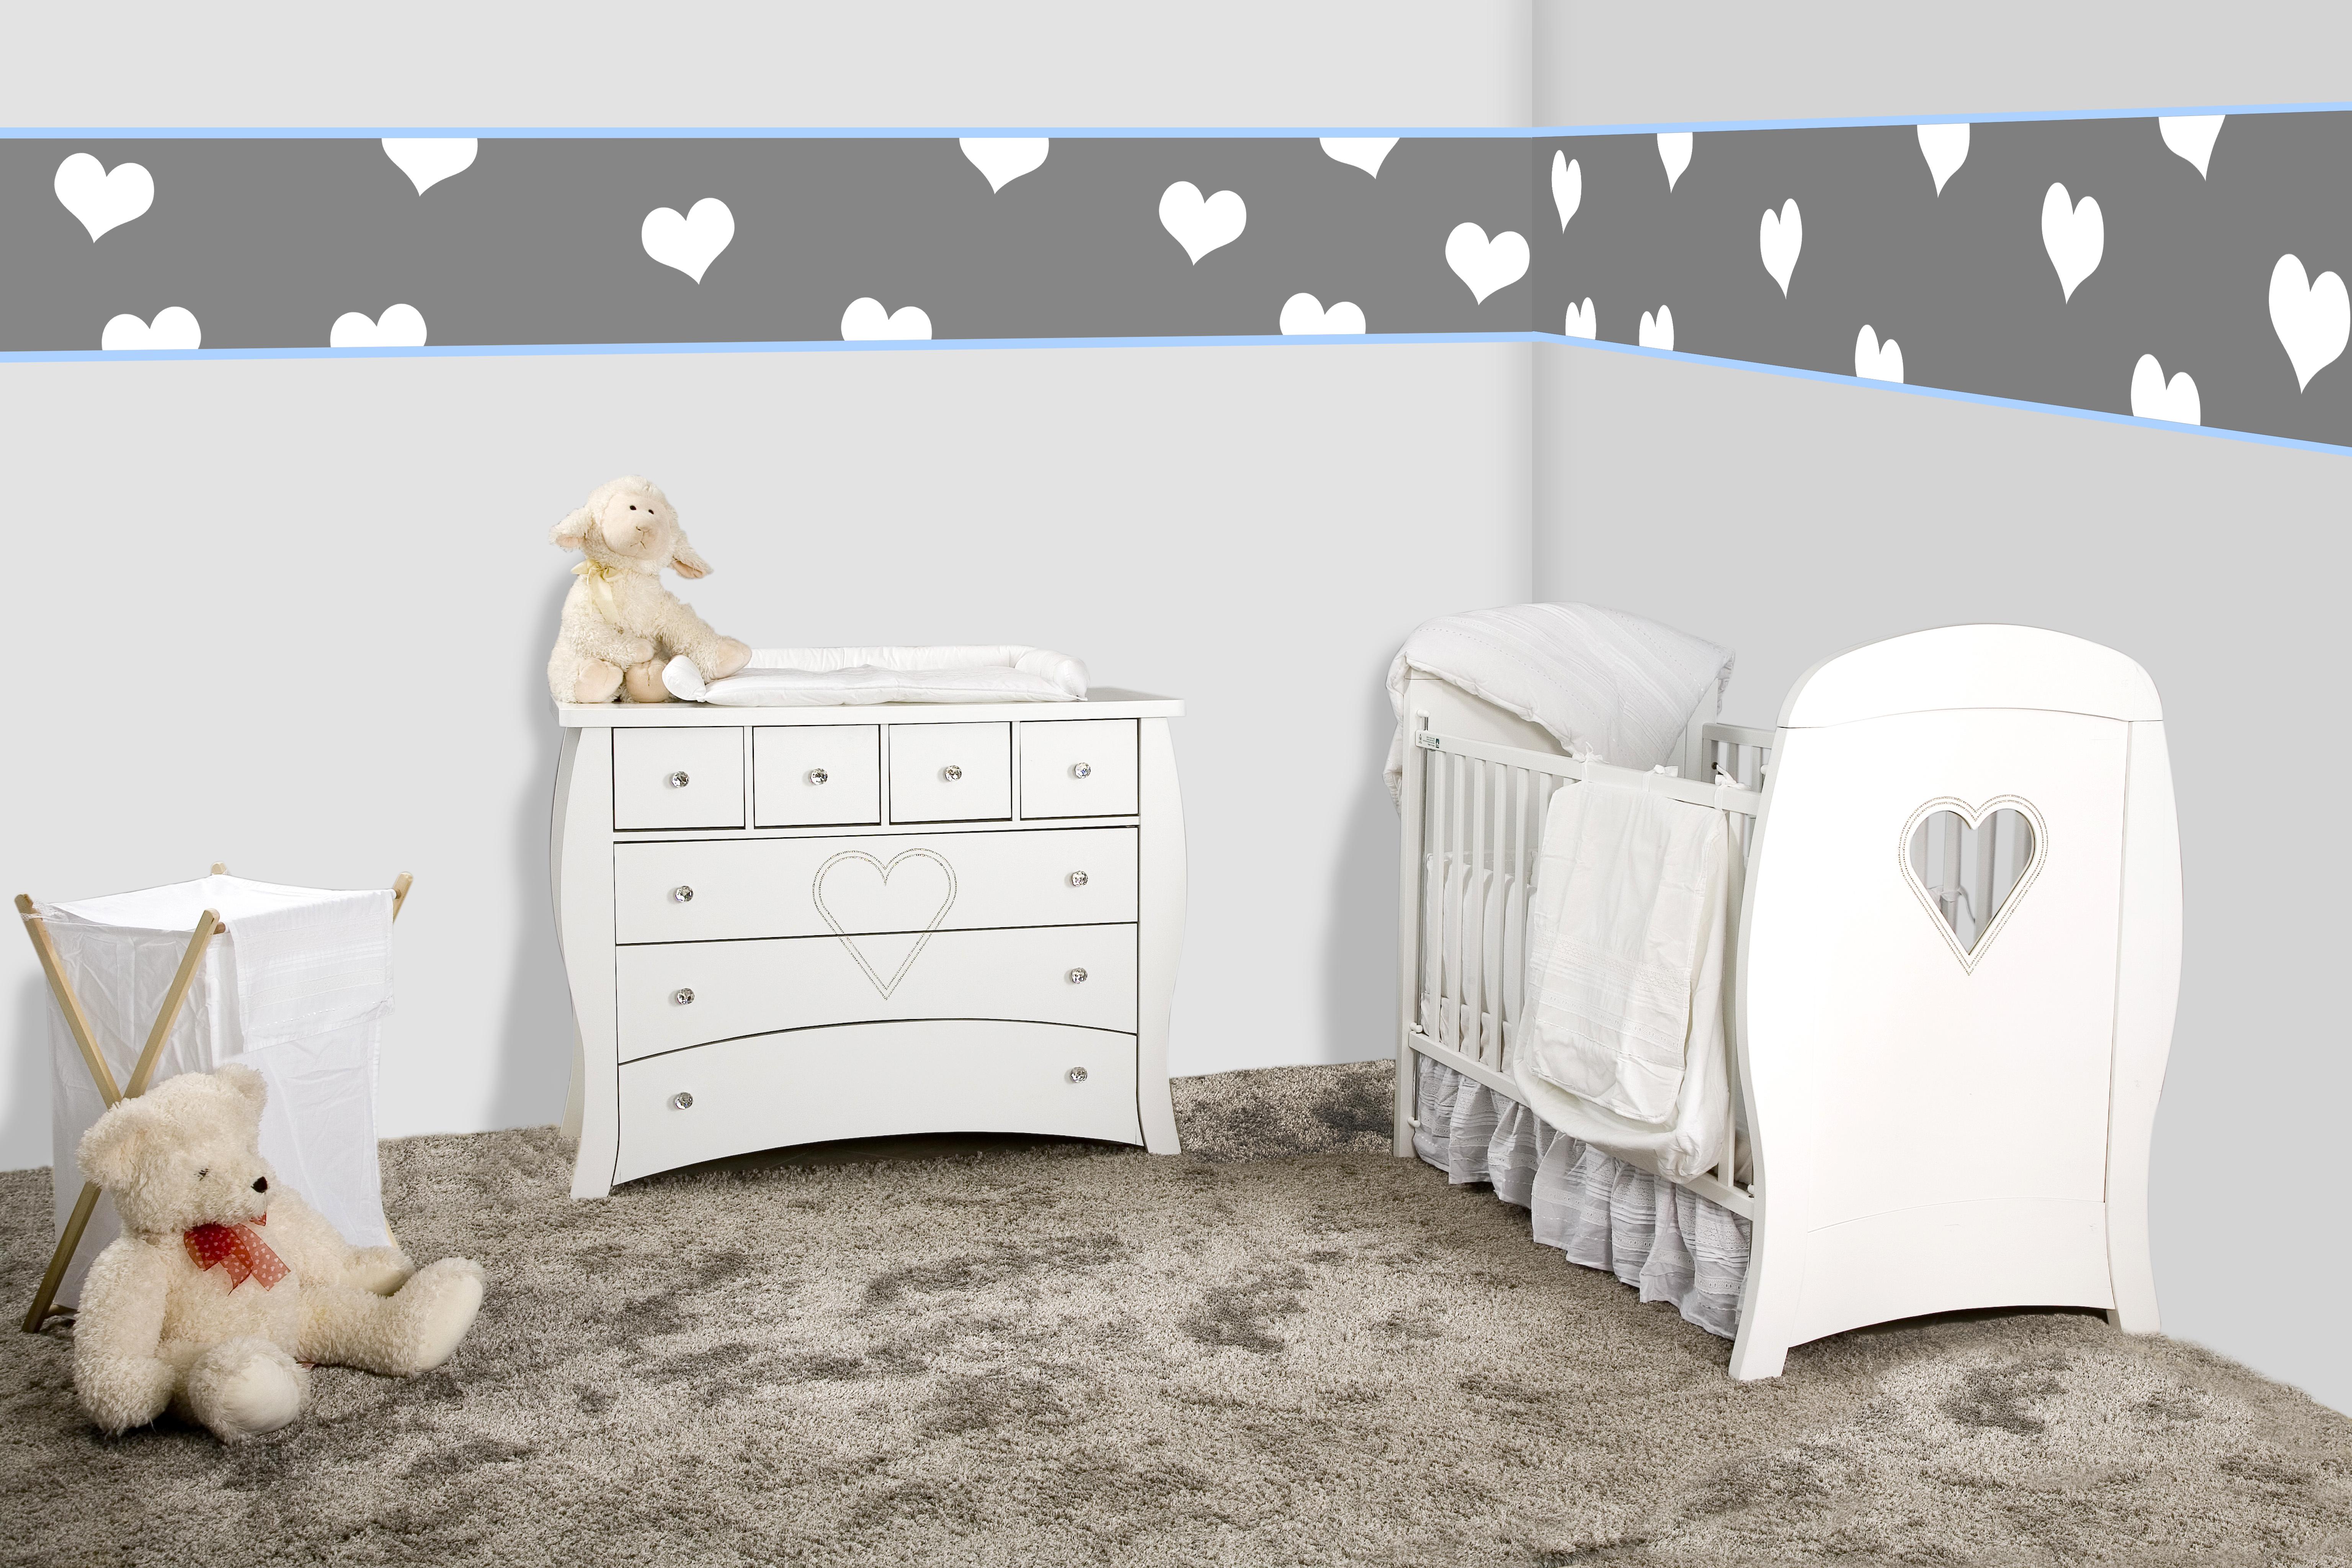 מתוחכם חדרי תינוקות - איגוד תעשיות הריהוט SB-15